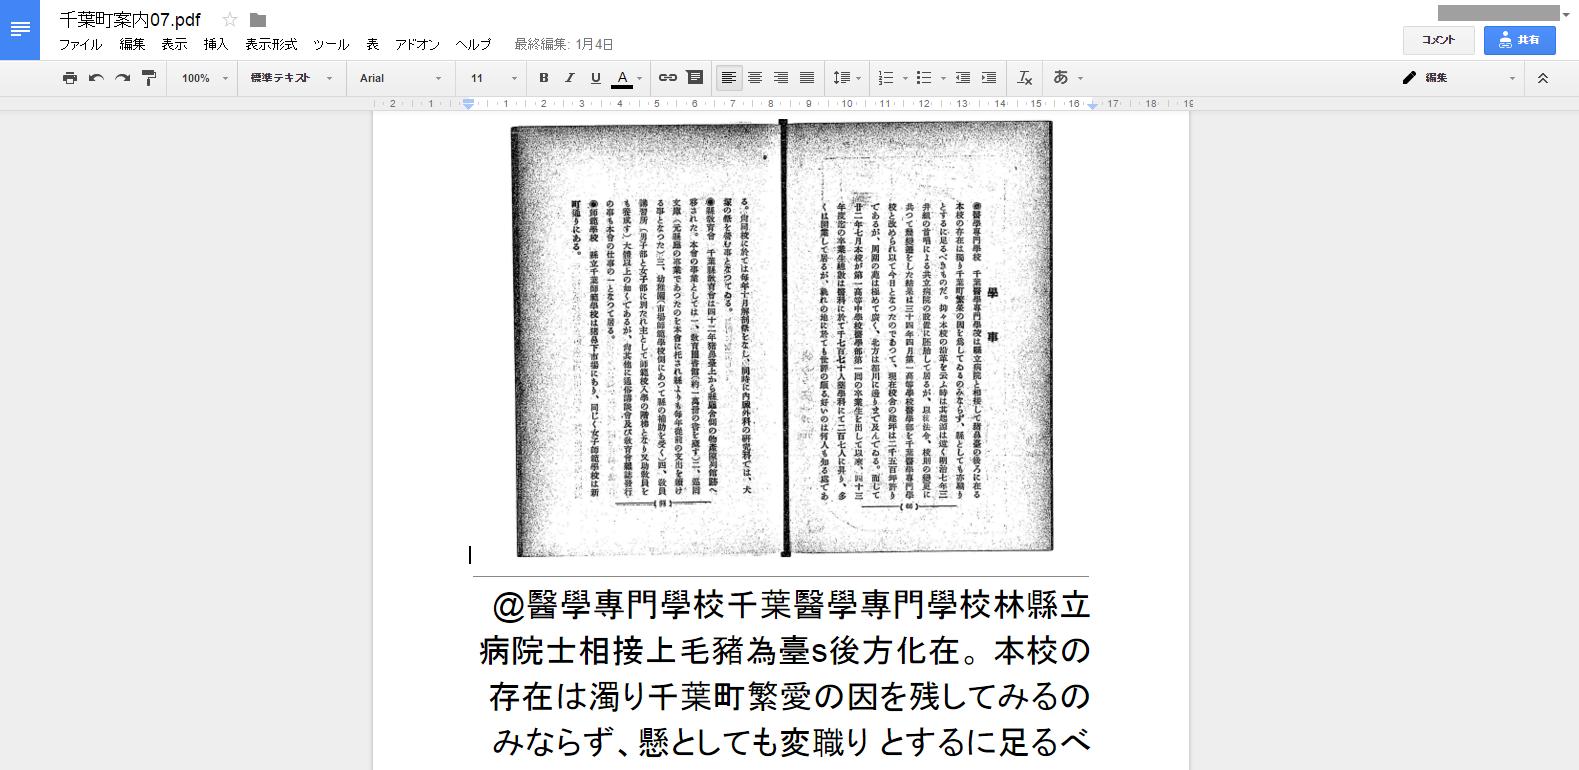 千葉町案内07.pdf   Google ドキュメント.png